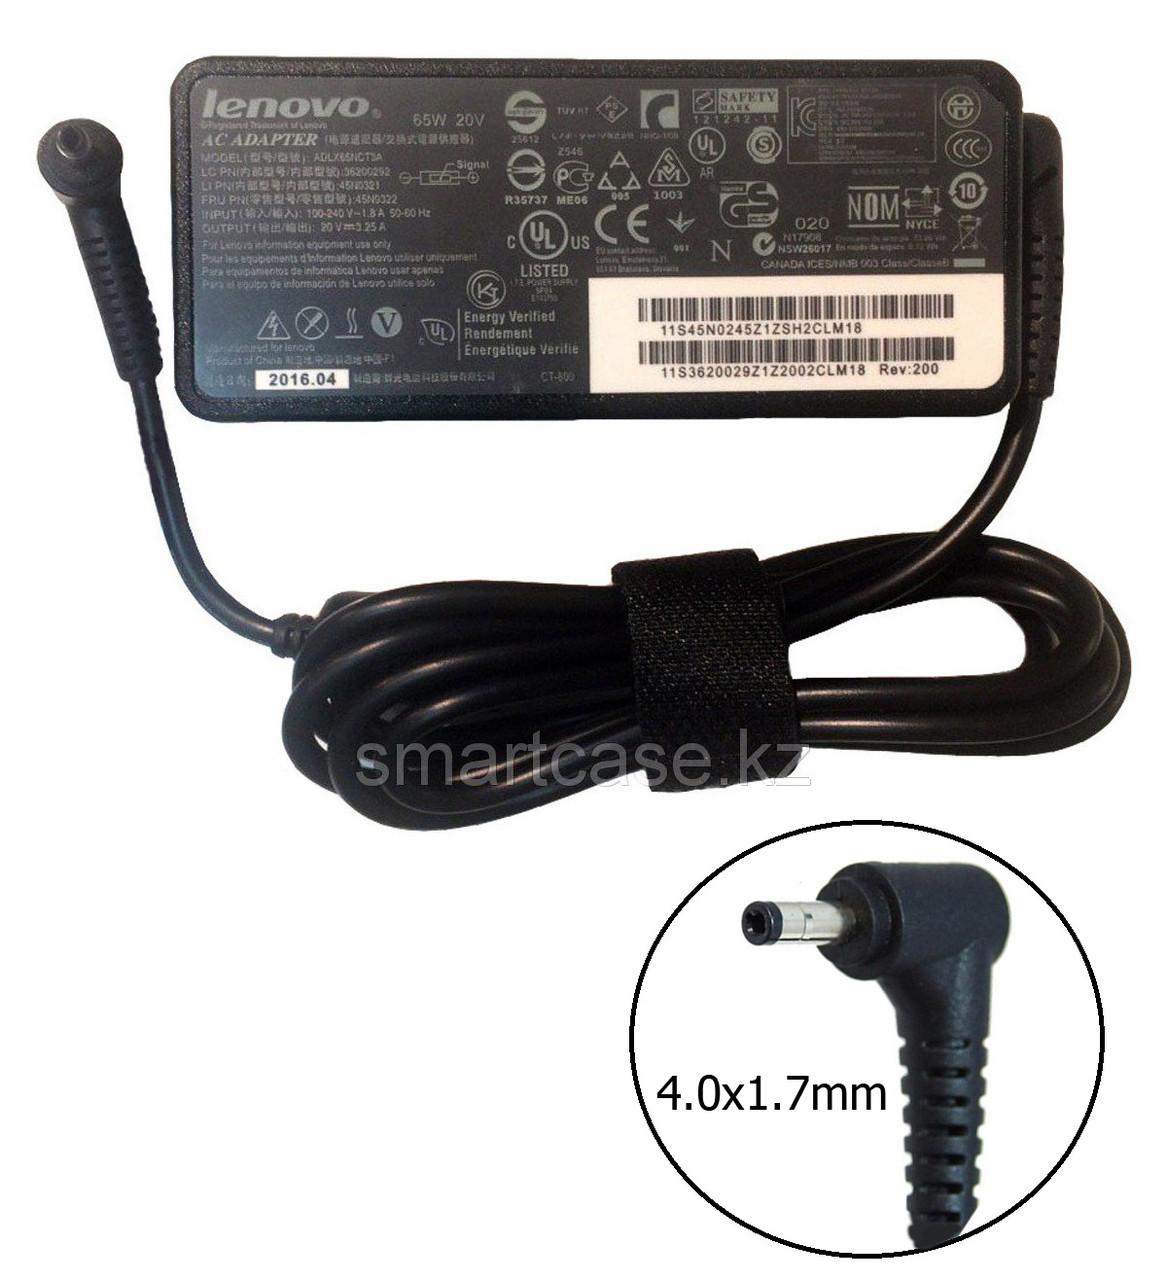 Оригинальная зарядка (сетевой адаптер) для ноутбука Lenovo 20V 3.25A 65W 4.0x1.7mm